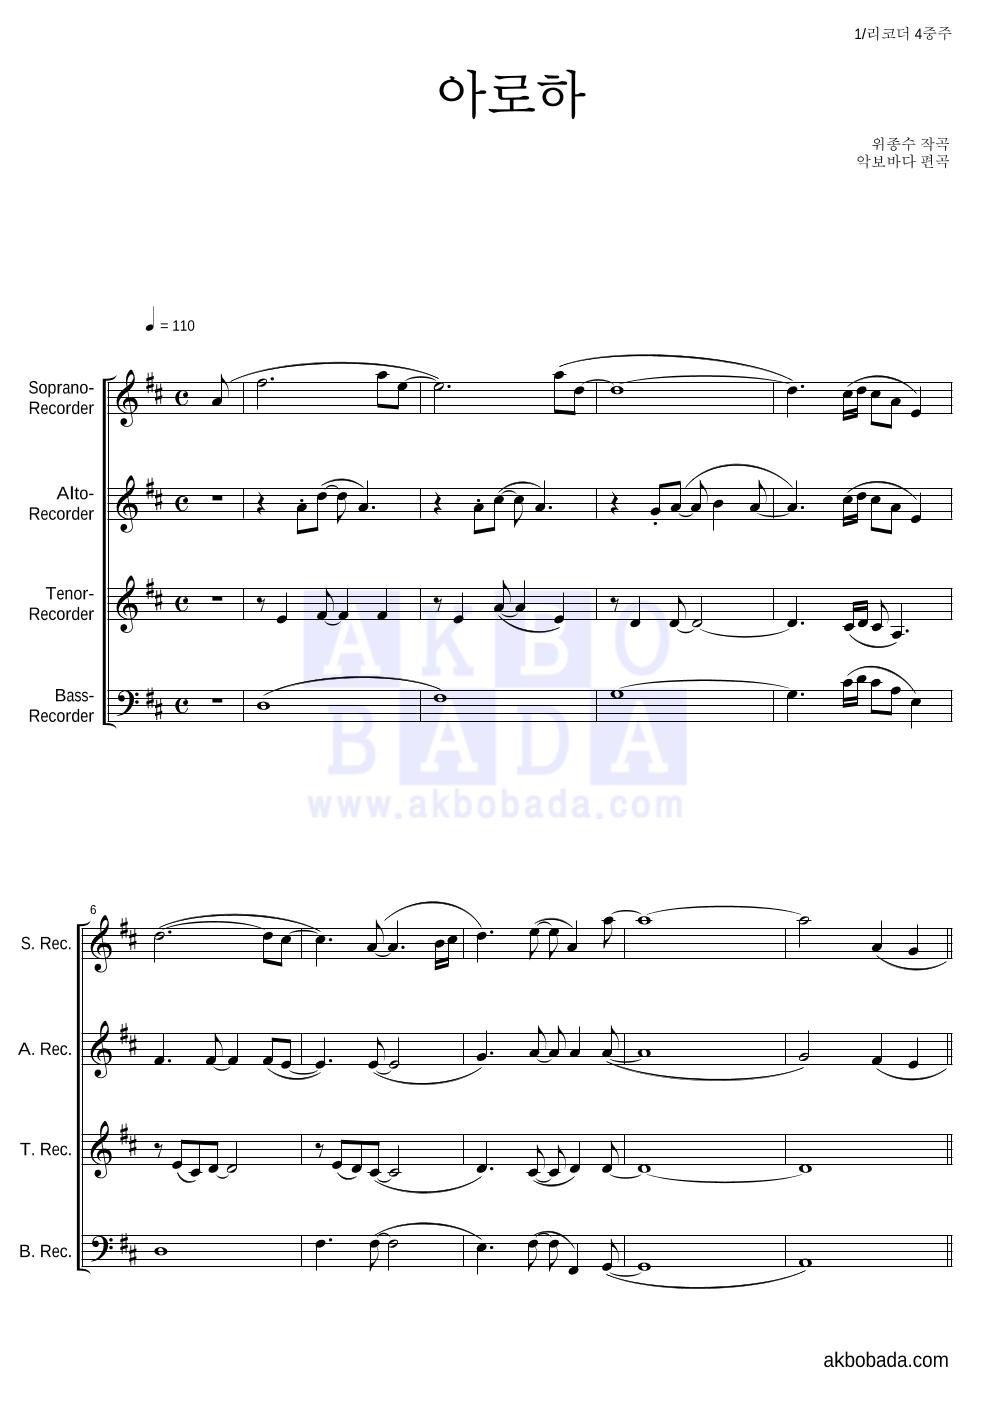 조정석 - 아로하 편성Ⅰ 악보